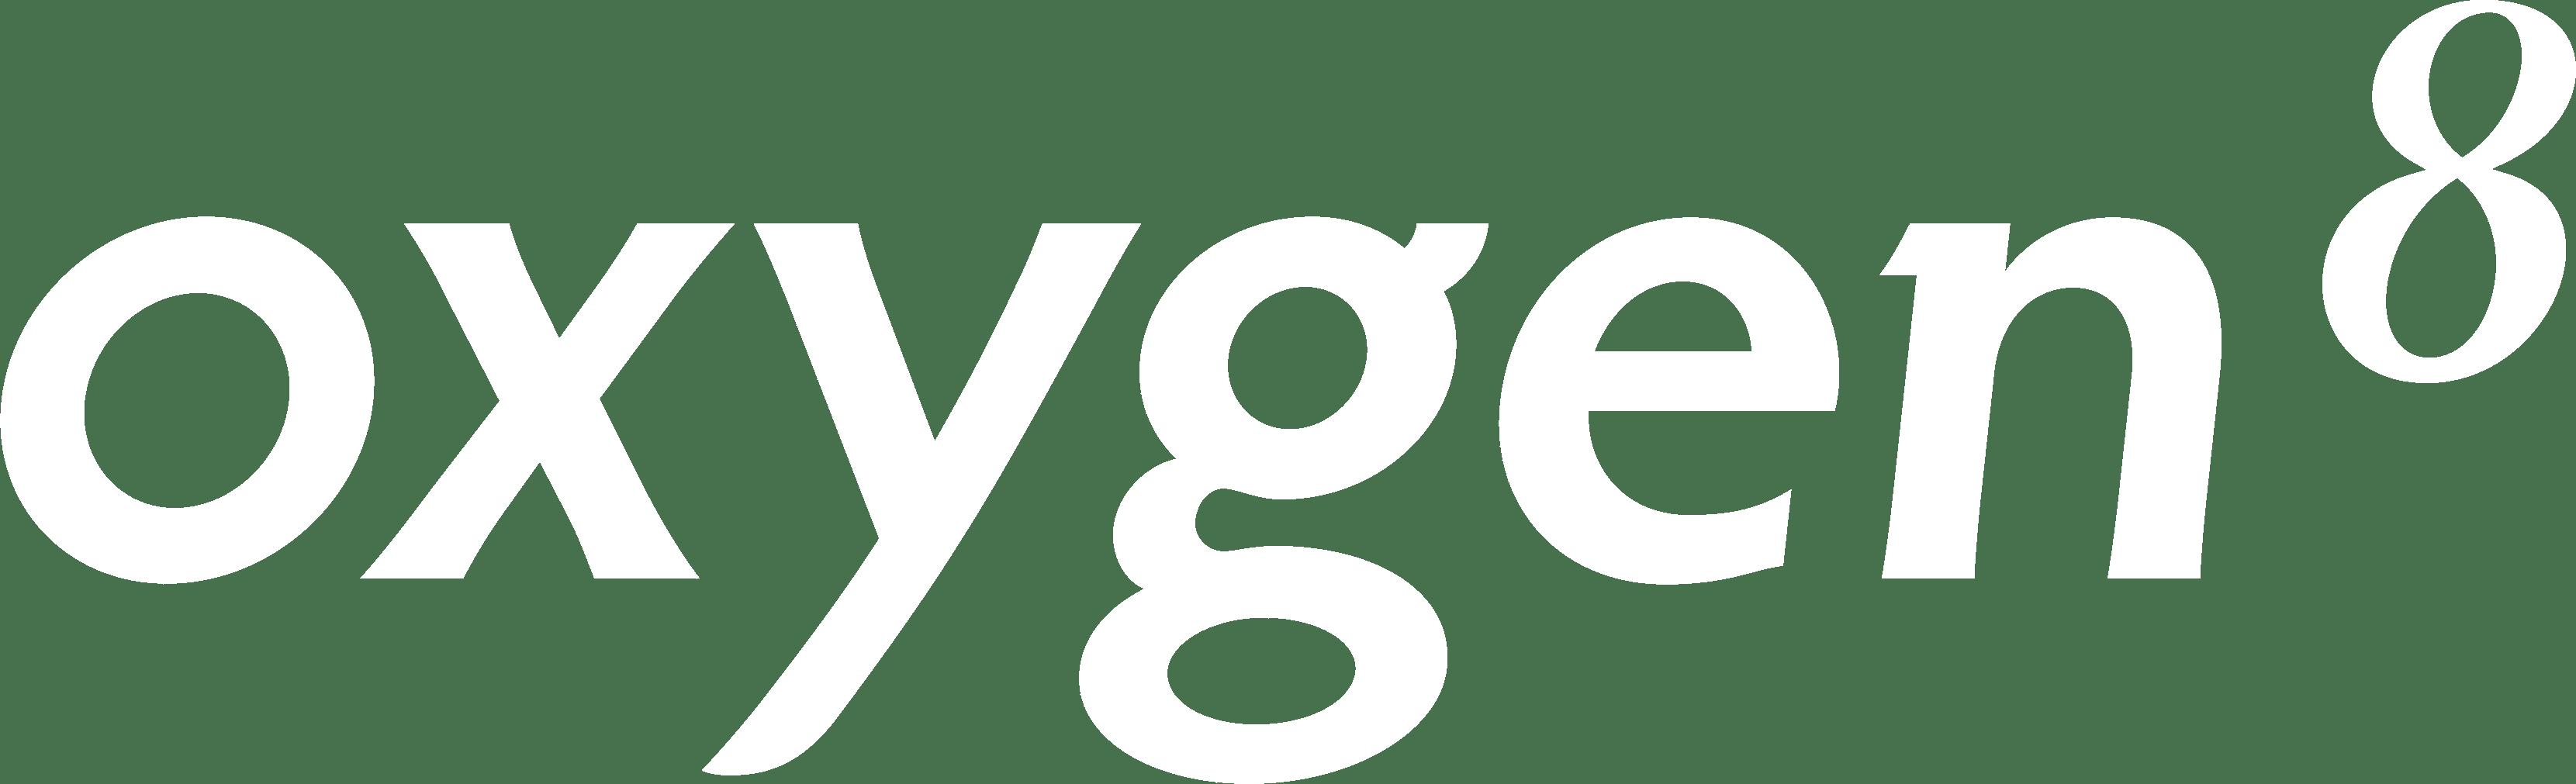 Oxygen8 logo